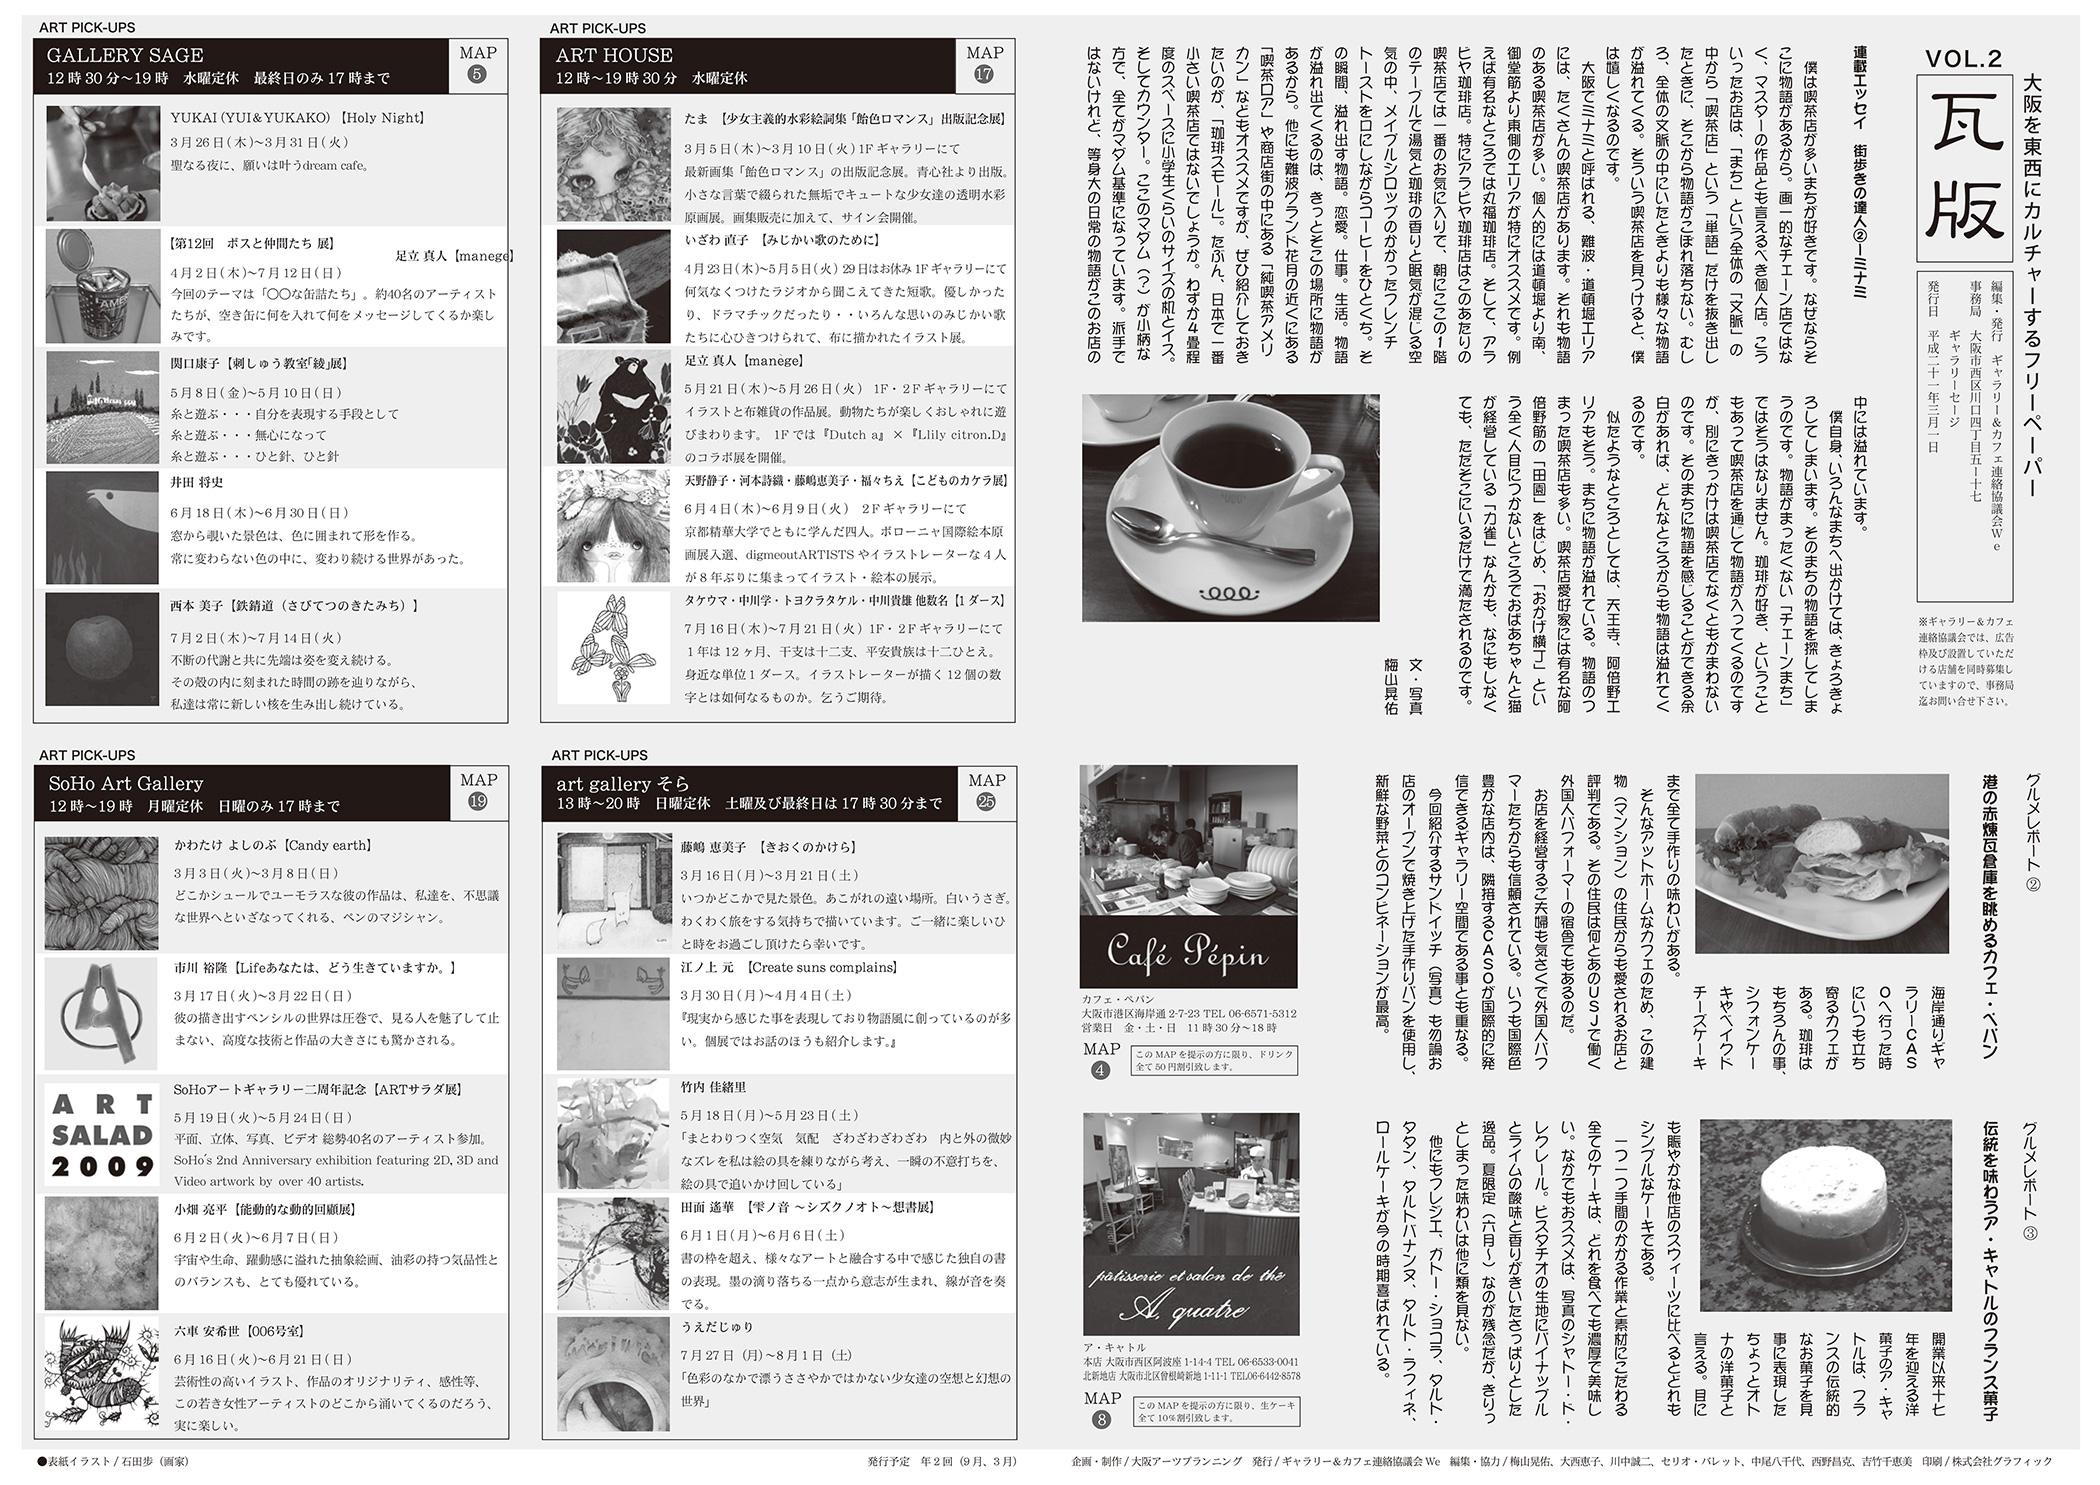 ギャラリー&カフェMAP vol.2 大阪を東西にカルチャーする